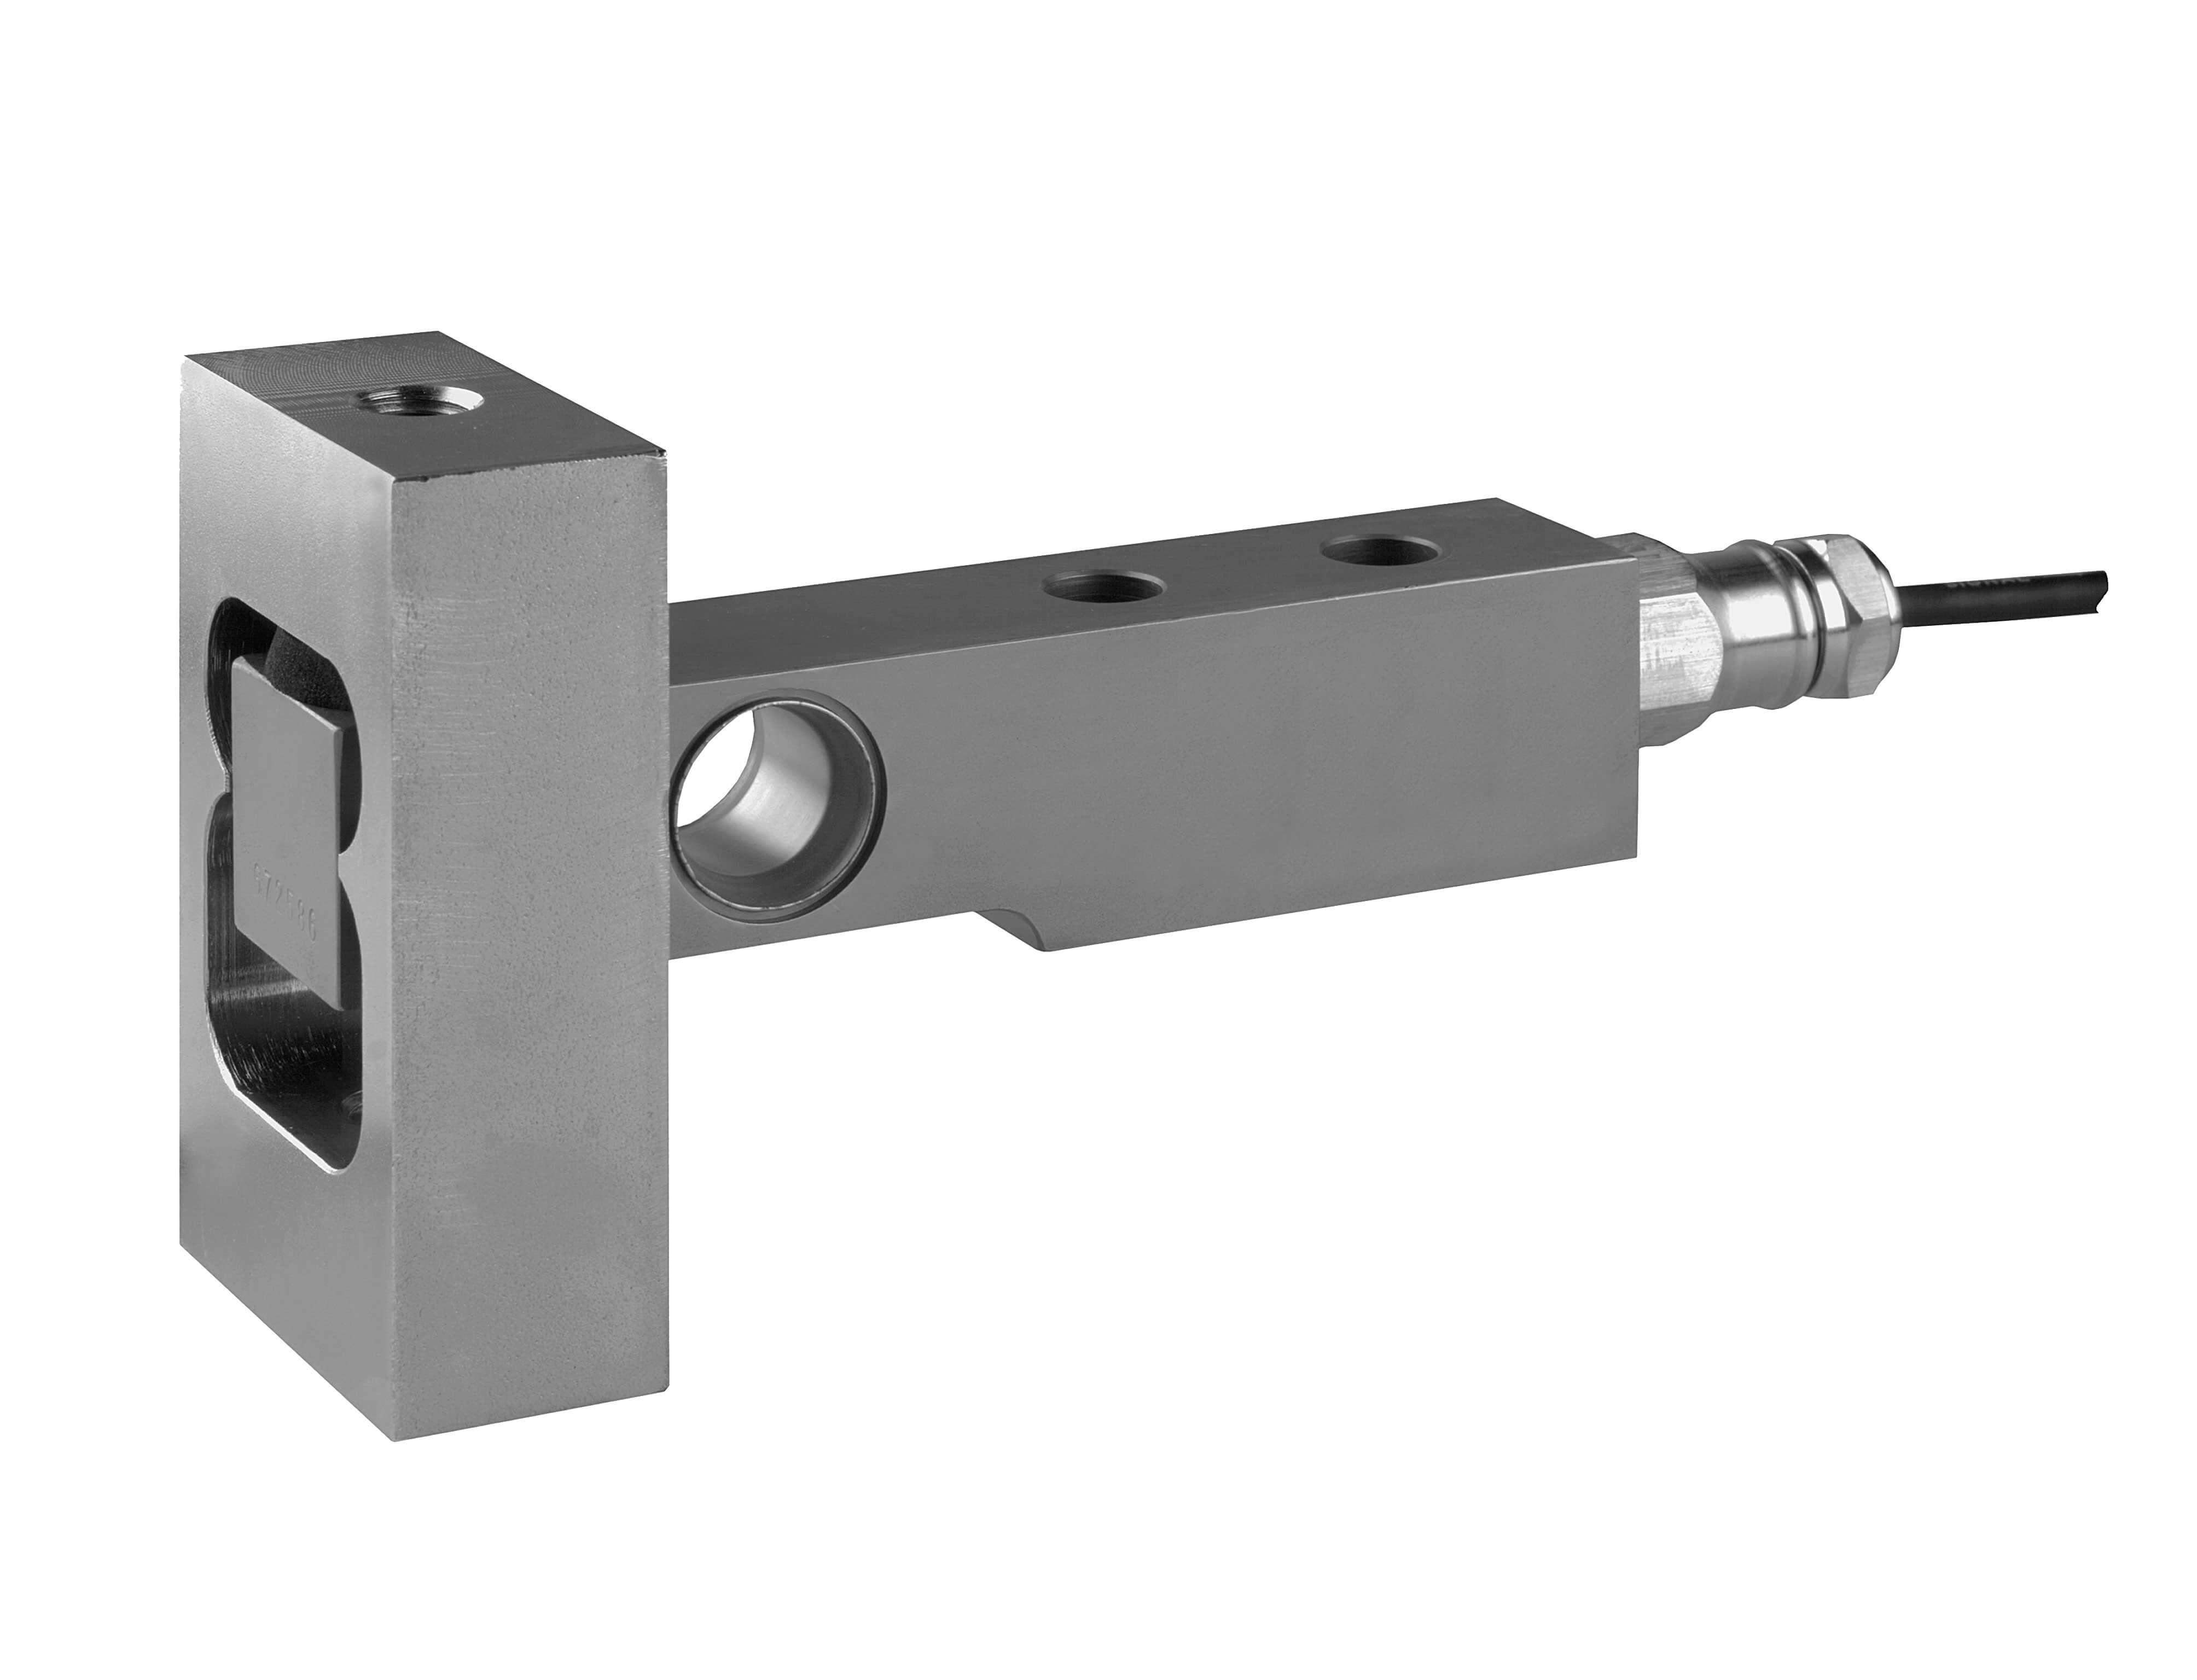 52-31 hangmodule (tension adapter) (geschikt voor SB4, SB5, SB6, SLB, SB9, SB14) Image